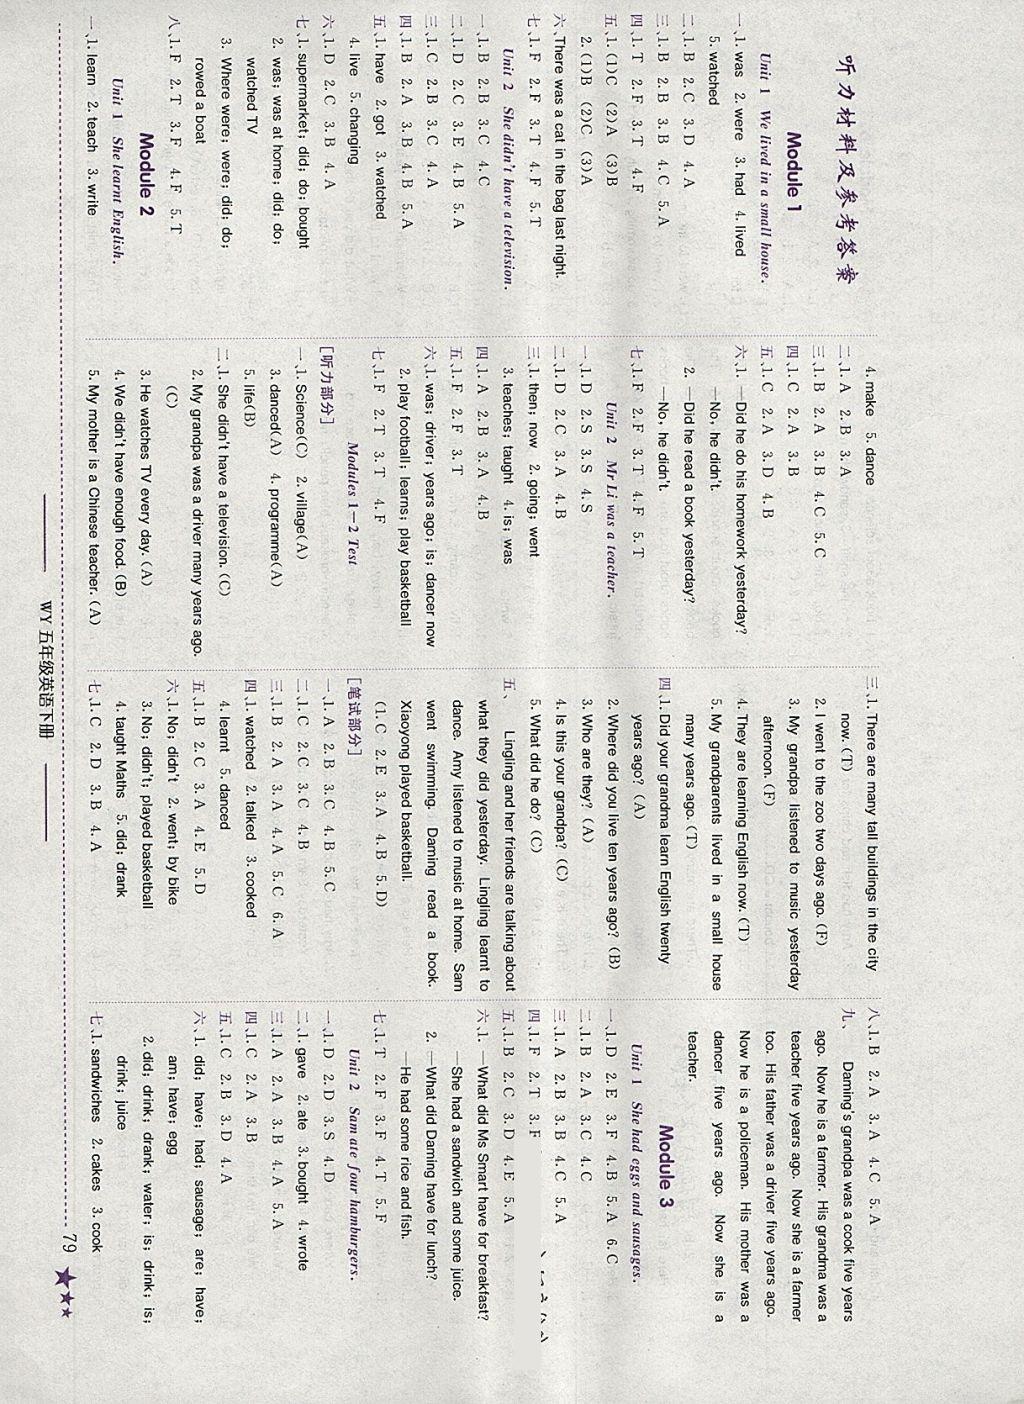 2018年黄冈小状元作业本五年级人人中彩票安卓下册外研版参考答案第1页